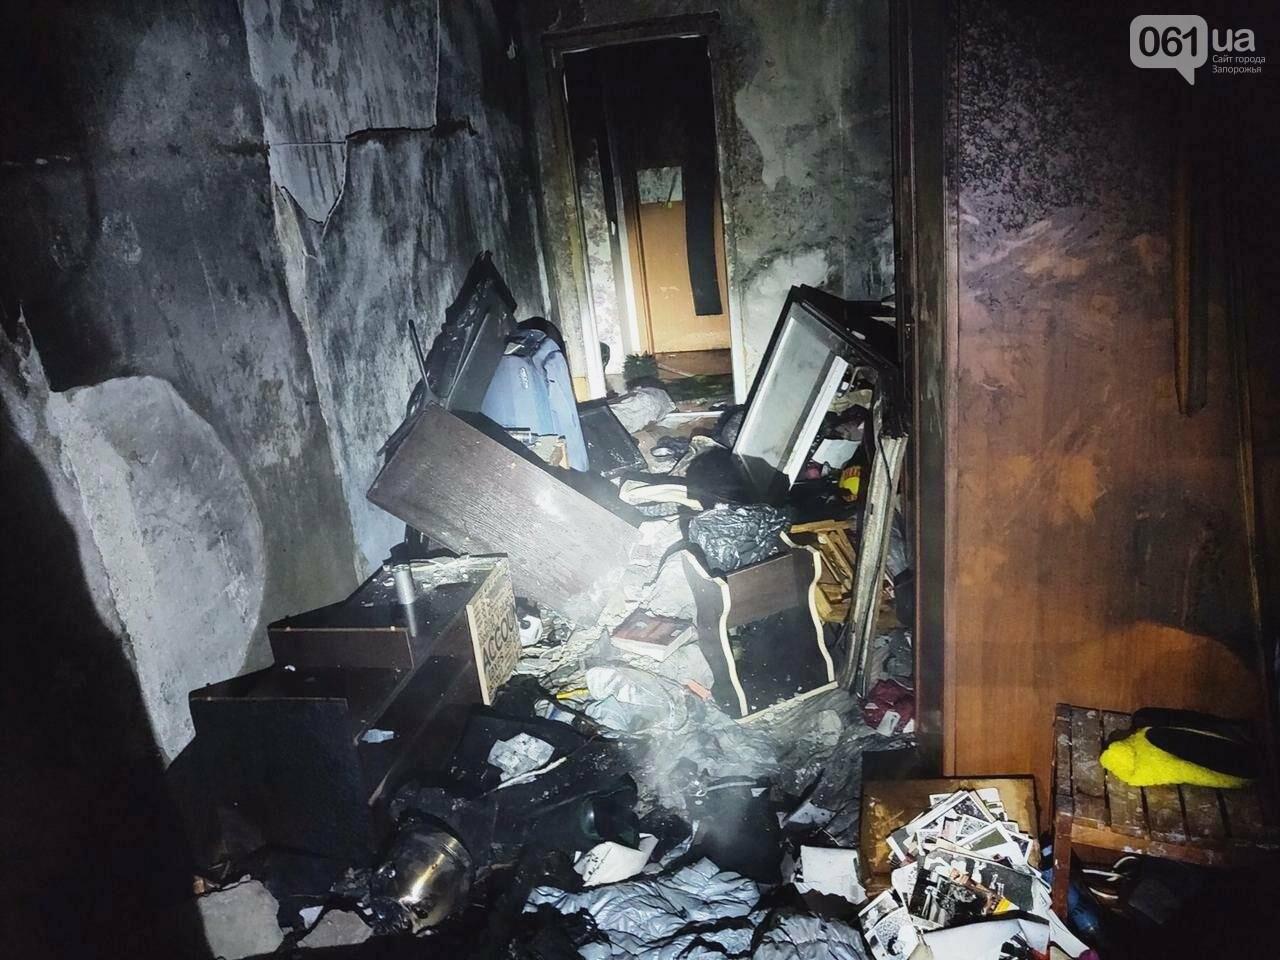 В Запорожье 8 спасателей тушили пожар в многоэтажке, фото-1